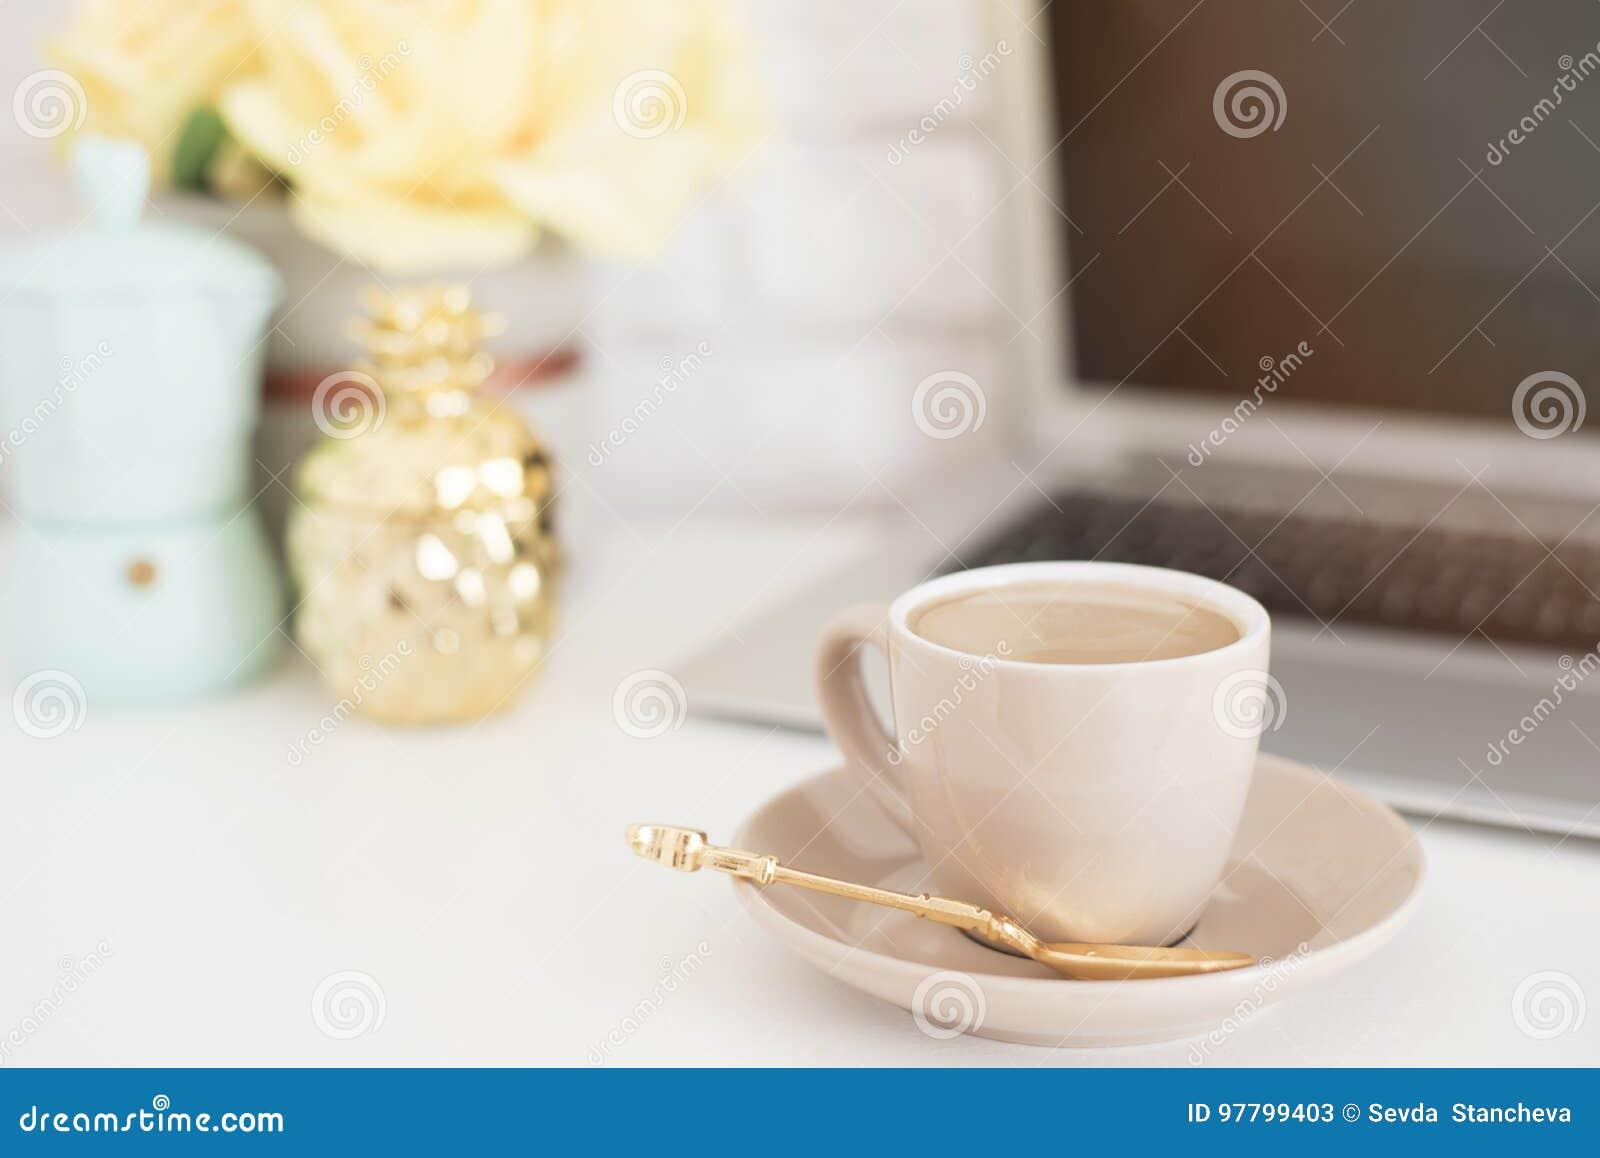 Conceito feminino do local de trabalho Espaço de trabalho confortável da feminilidade da forma autônomo com portátil, café, flore